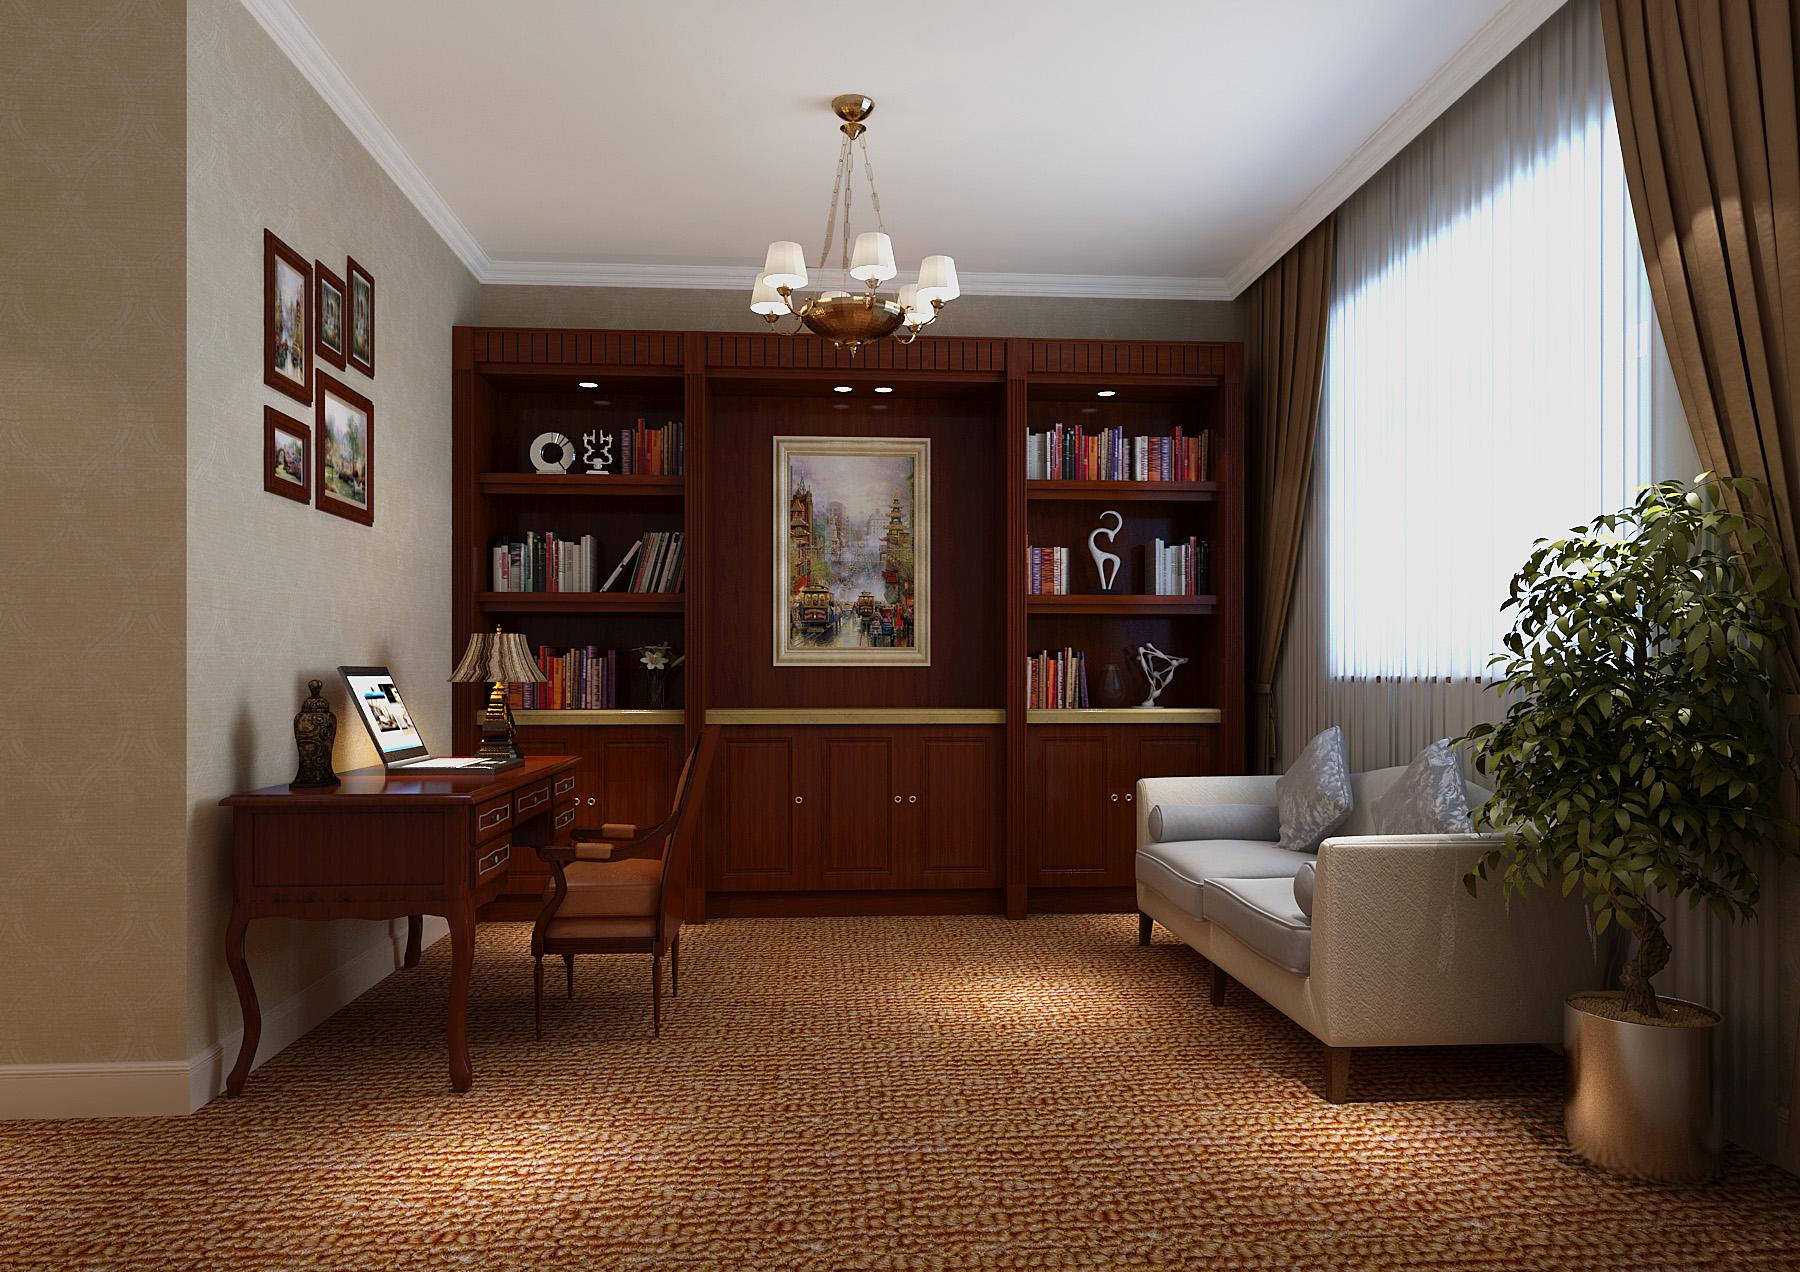 欧式 三居 80后 书房图片来自北京今朝装饰刘在鲁能七号院欧式大三居经典设计的分享